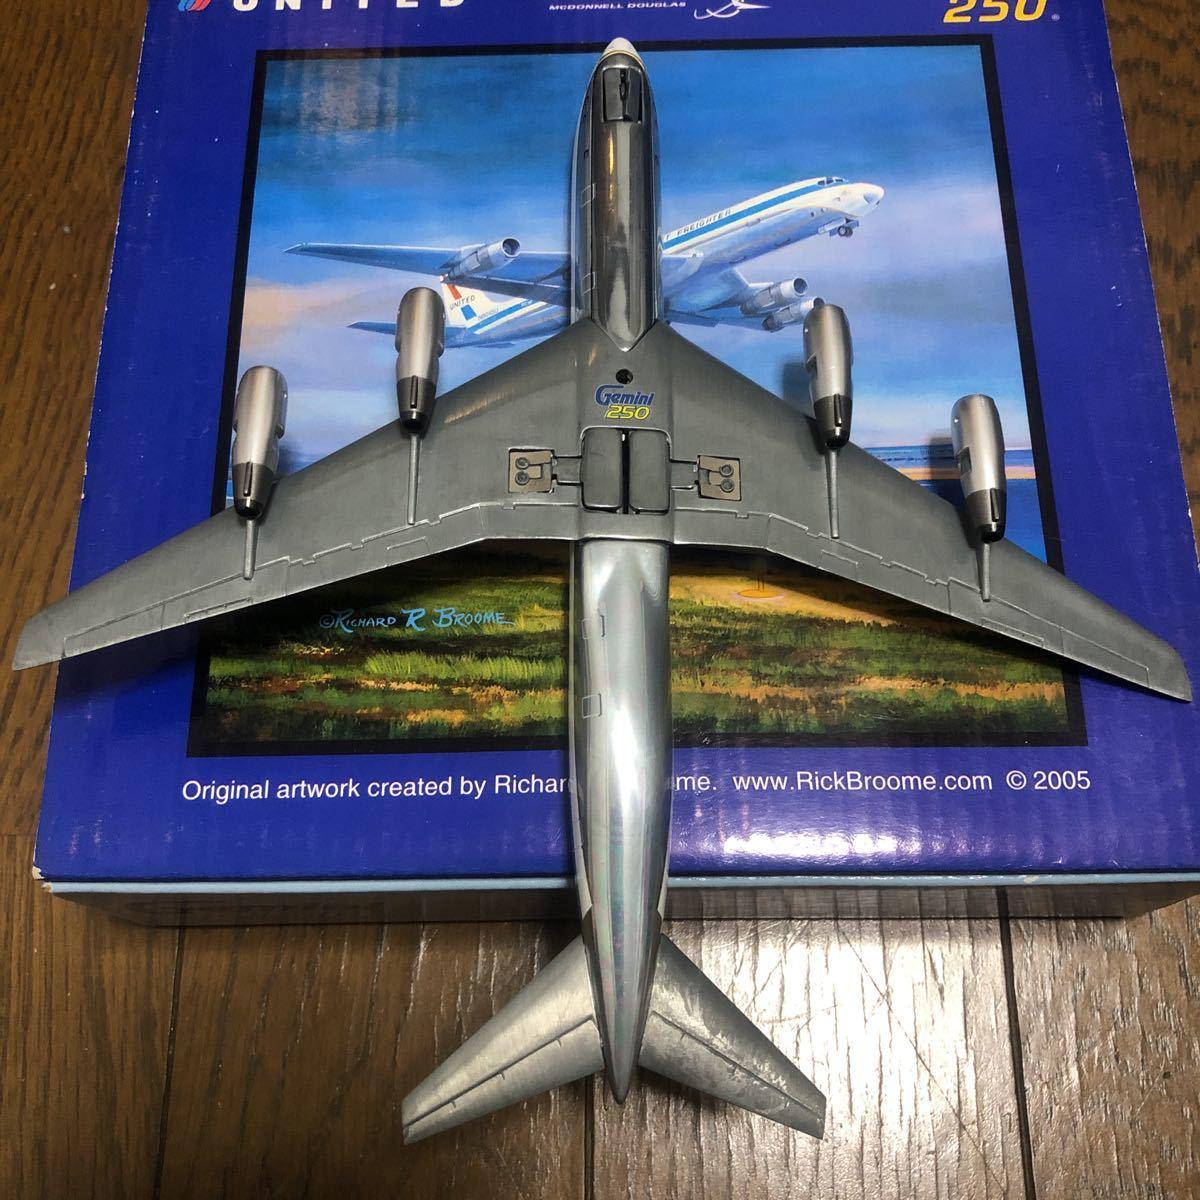 ジェミニ250 1/250 ユナイテッド航空ダグラスDC-8-54F 中古品_画像5